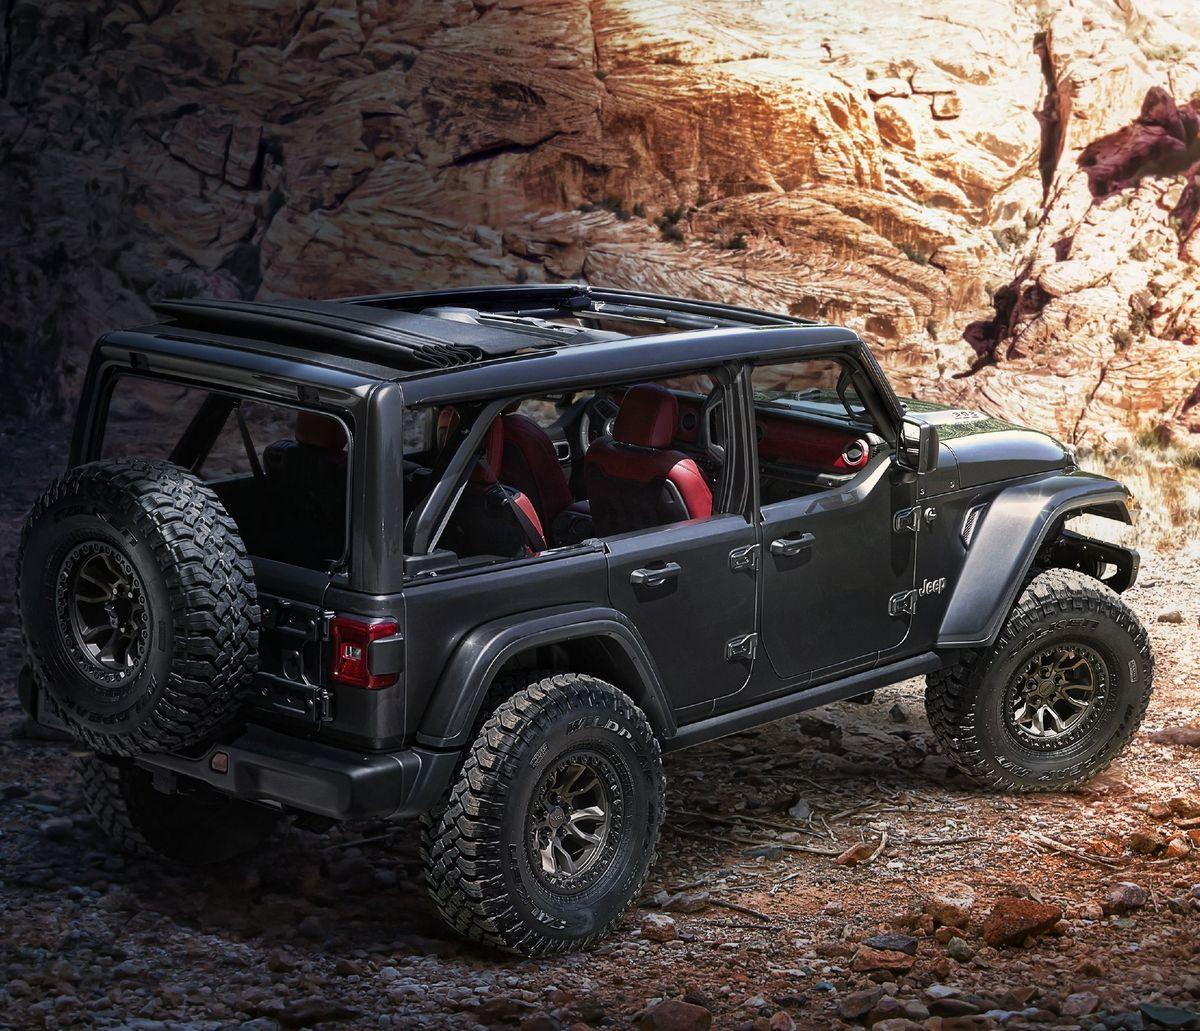 Jeep Rubicon 392 Concept Ein V8 In Der Offroad Ikone In 2020 Jeep Wrangler Rubicon Wrangler Jeep Jeep Wrangler